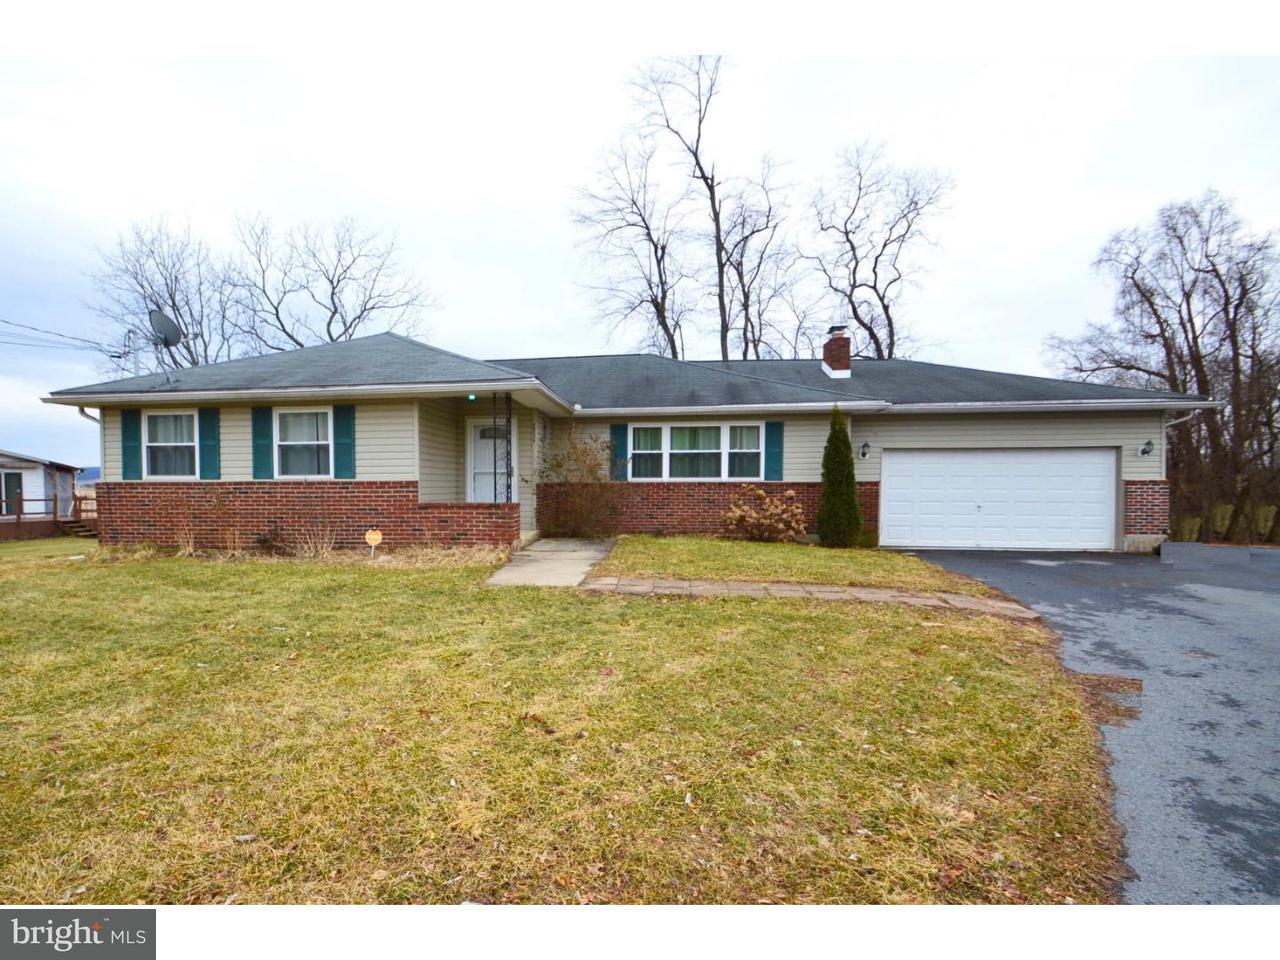 独户住宅 为 销售 在 10236 TREXLER Road Breinigsville, 宾夕法尼亚州 18031 美国